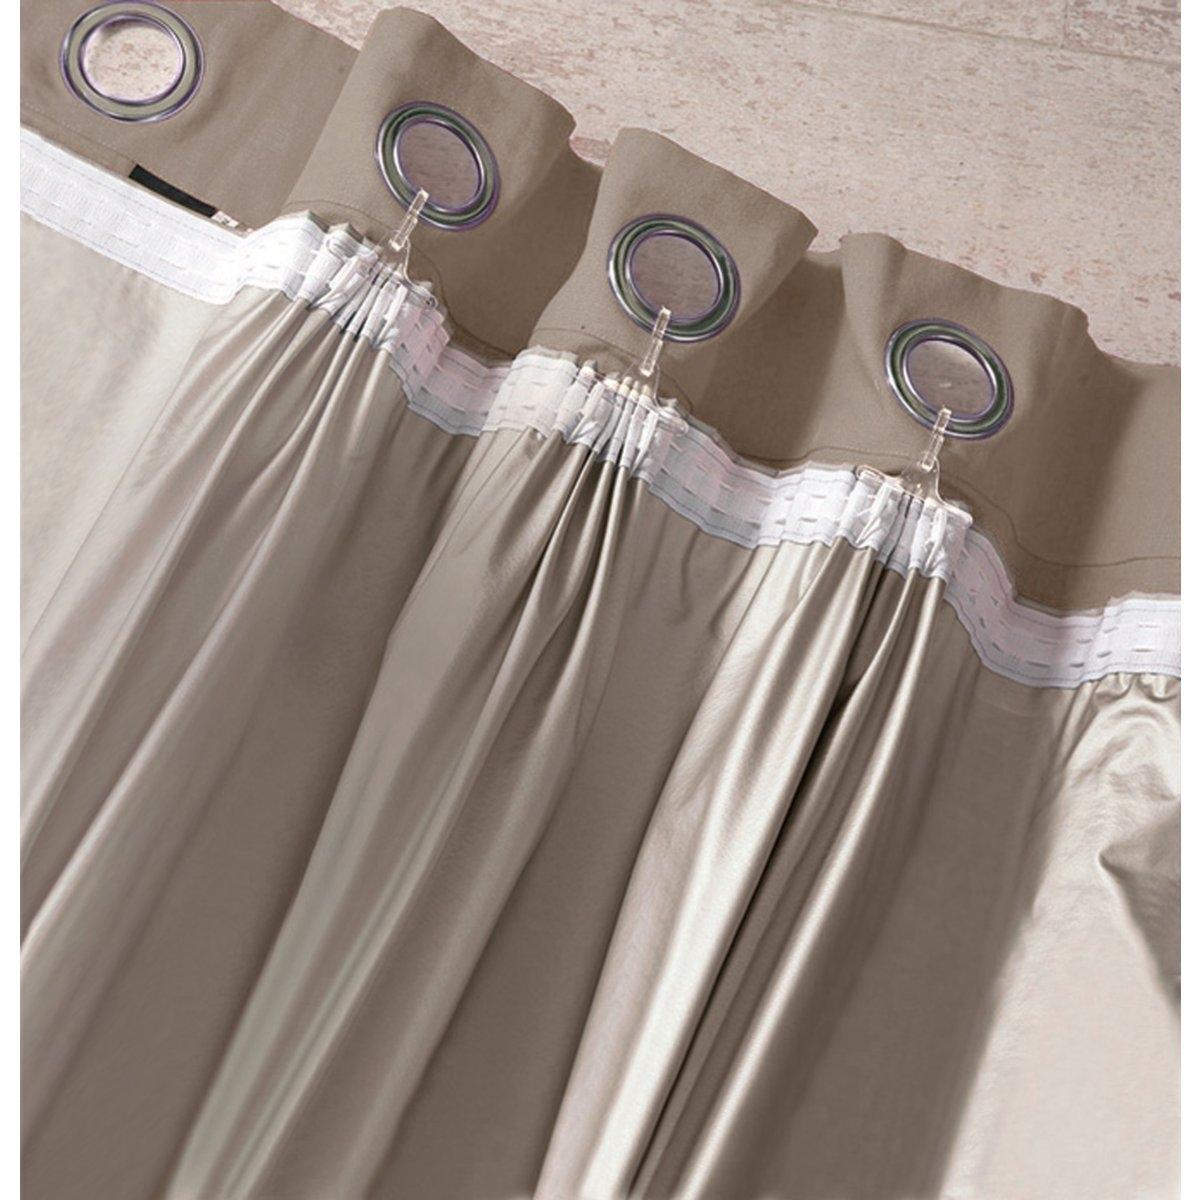 Затемняющая подкладка для шторОчень удобная в использовании съемная затемняющая подкладка для штор.Характеристики :- Металлизированный текстиль, 100% полиамида с пропиткой из ПВХ и полиуретана.- Поставляется с 3 видами креплений, подходящих для всех видов штор.- Машинная стирка при 40 °С.Преимущества : пару взмахов ножницами (не нужно подшивать), и подкладка готова к креплению !<br><br>Цвет: серо-коричневый каштан<br>Размер: 120 x 70 см